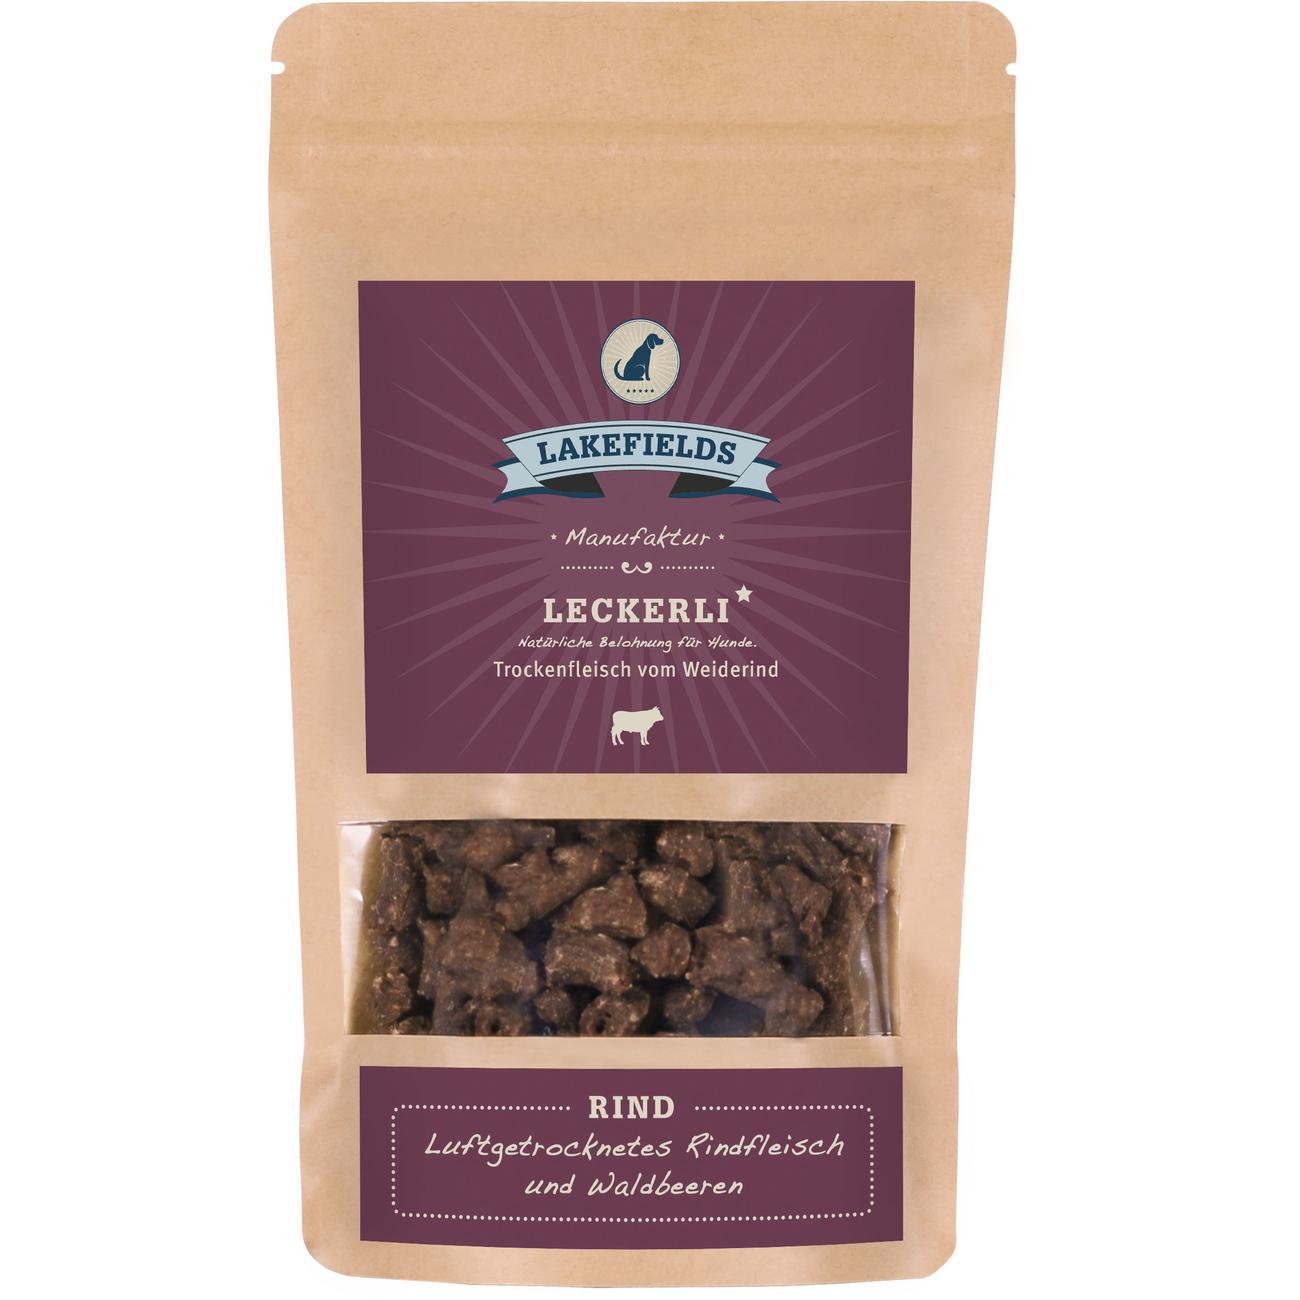 Lakefields Snacks Rind, 150 g